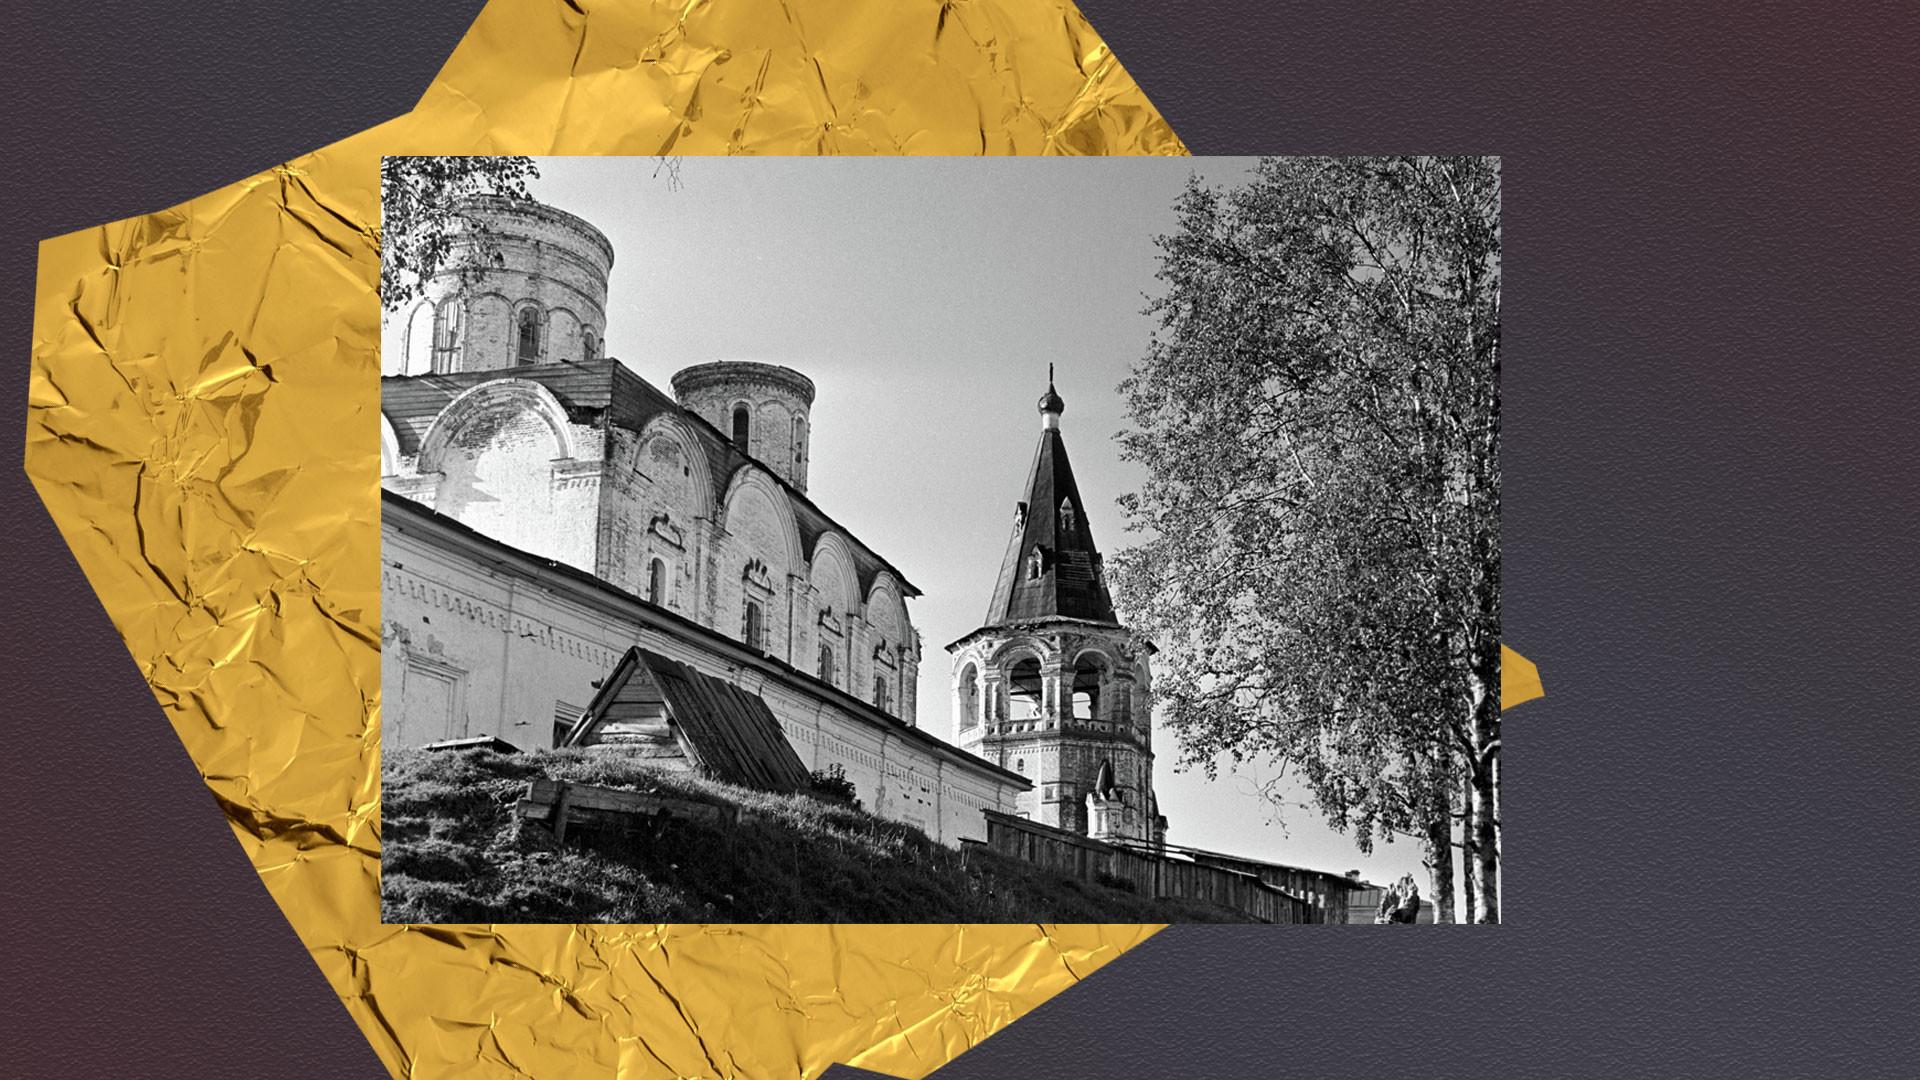 Успенский монастырь и колокольня в селе Холмогоры Архангельской области. Коллаж © L!FE. Фото: ©РИА Новости